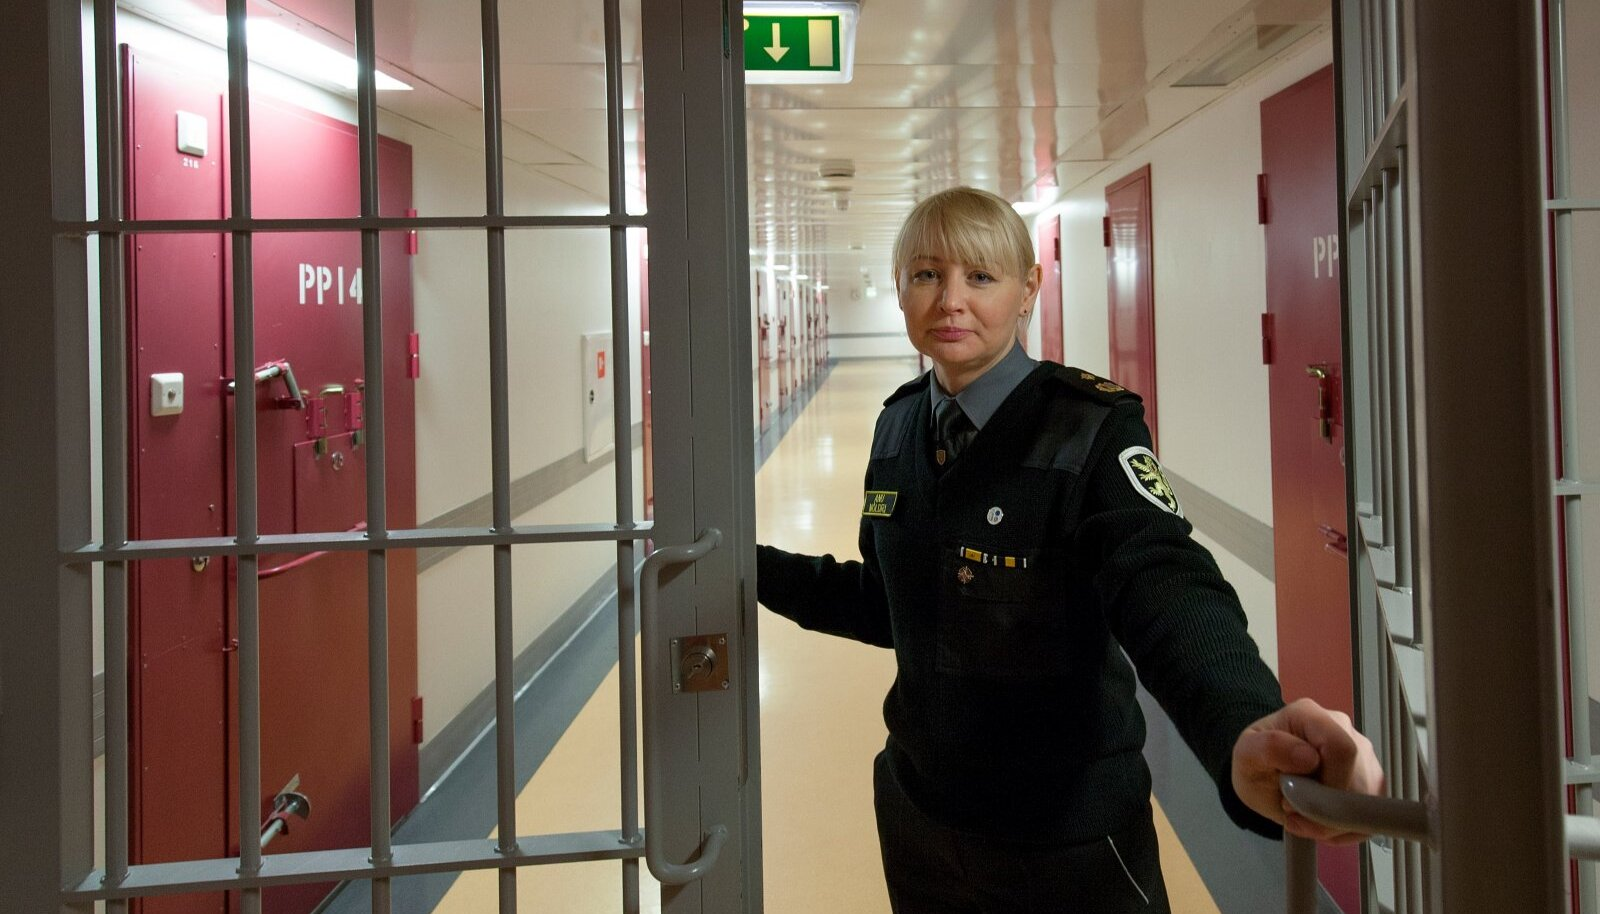 Cотрудник Вируской тюрьмы Ану Мёльдри